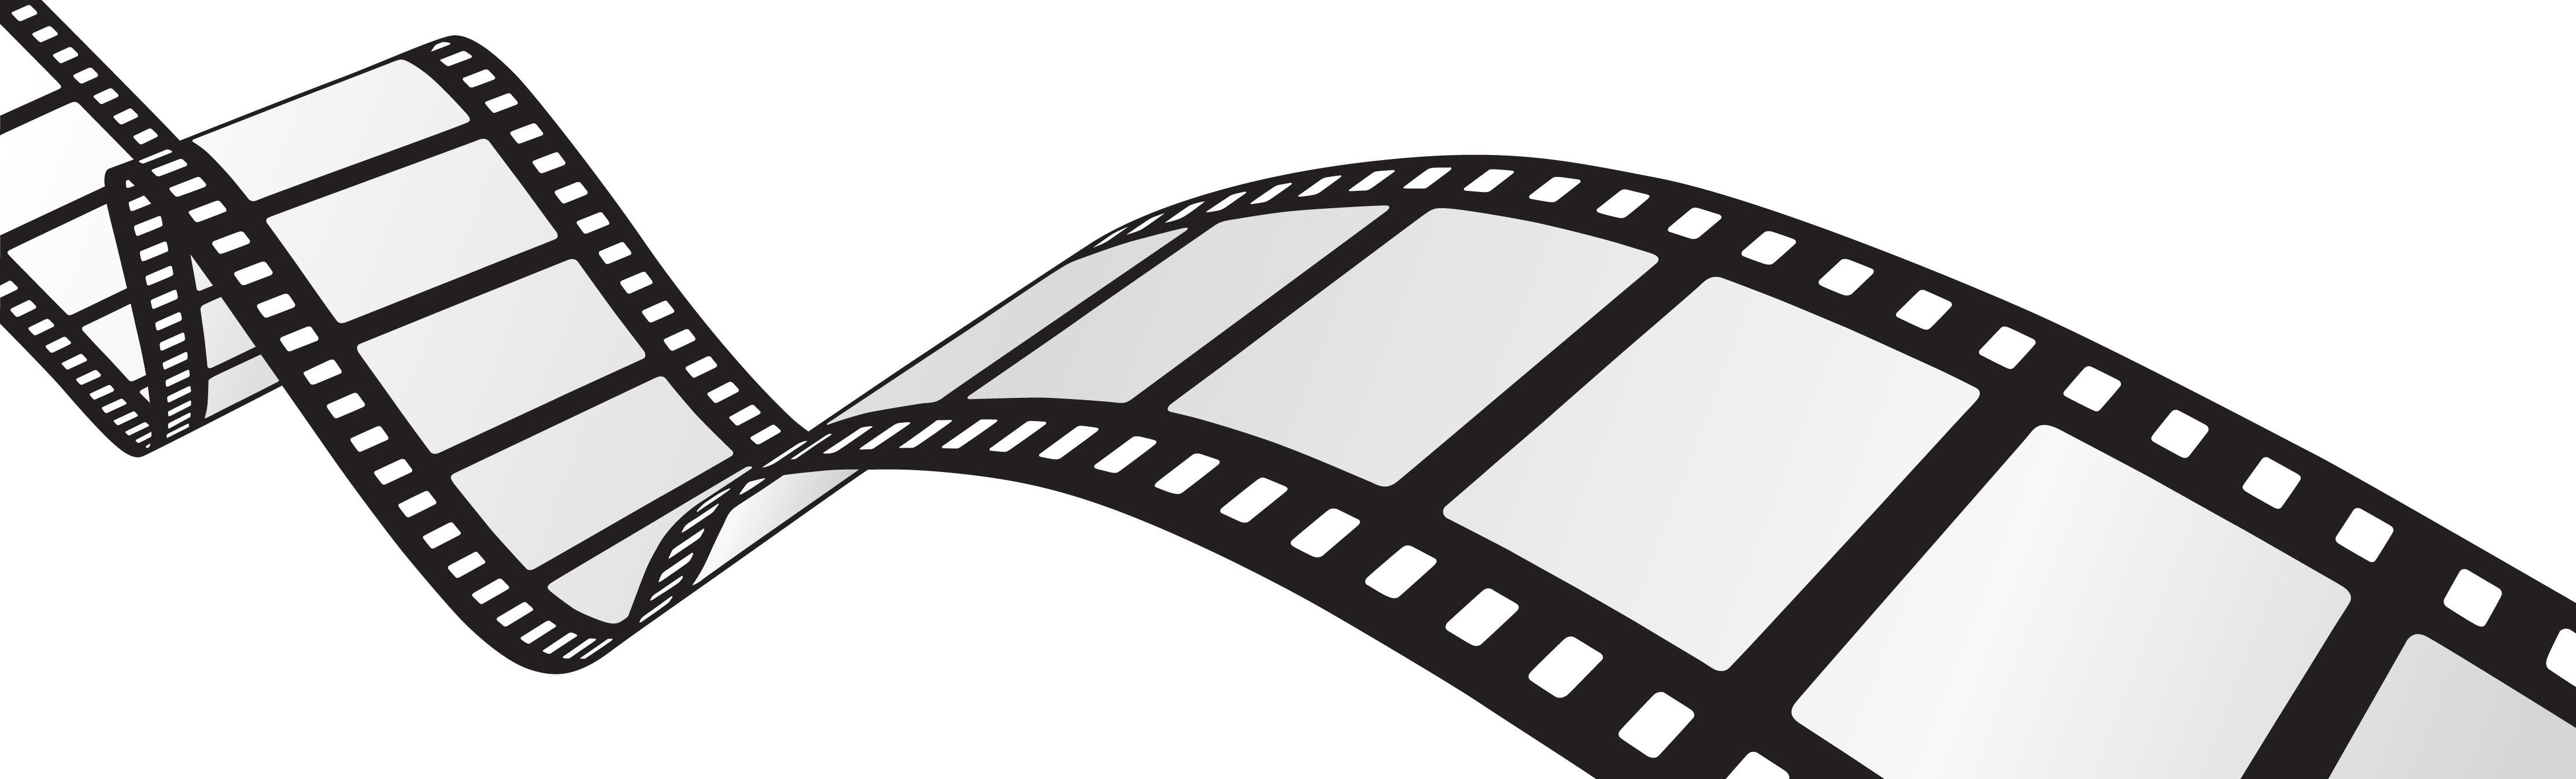 Films PNG HD Transparent Films HD.PNG Images..